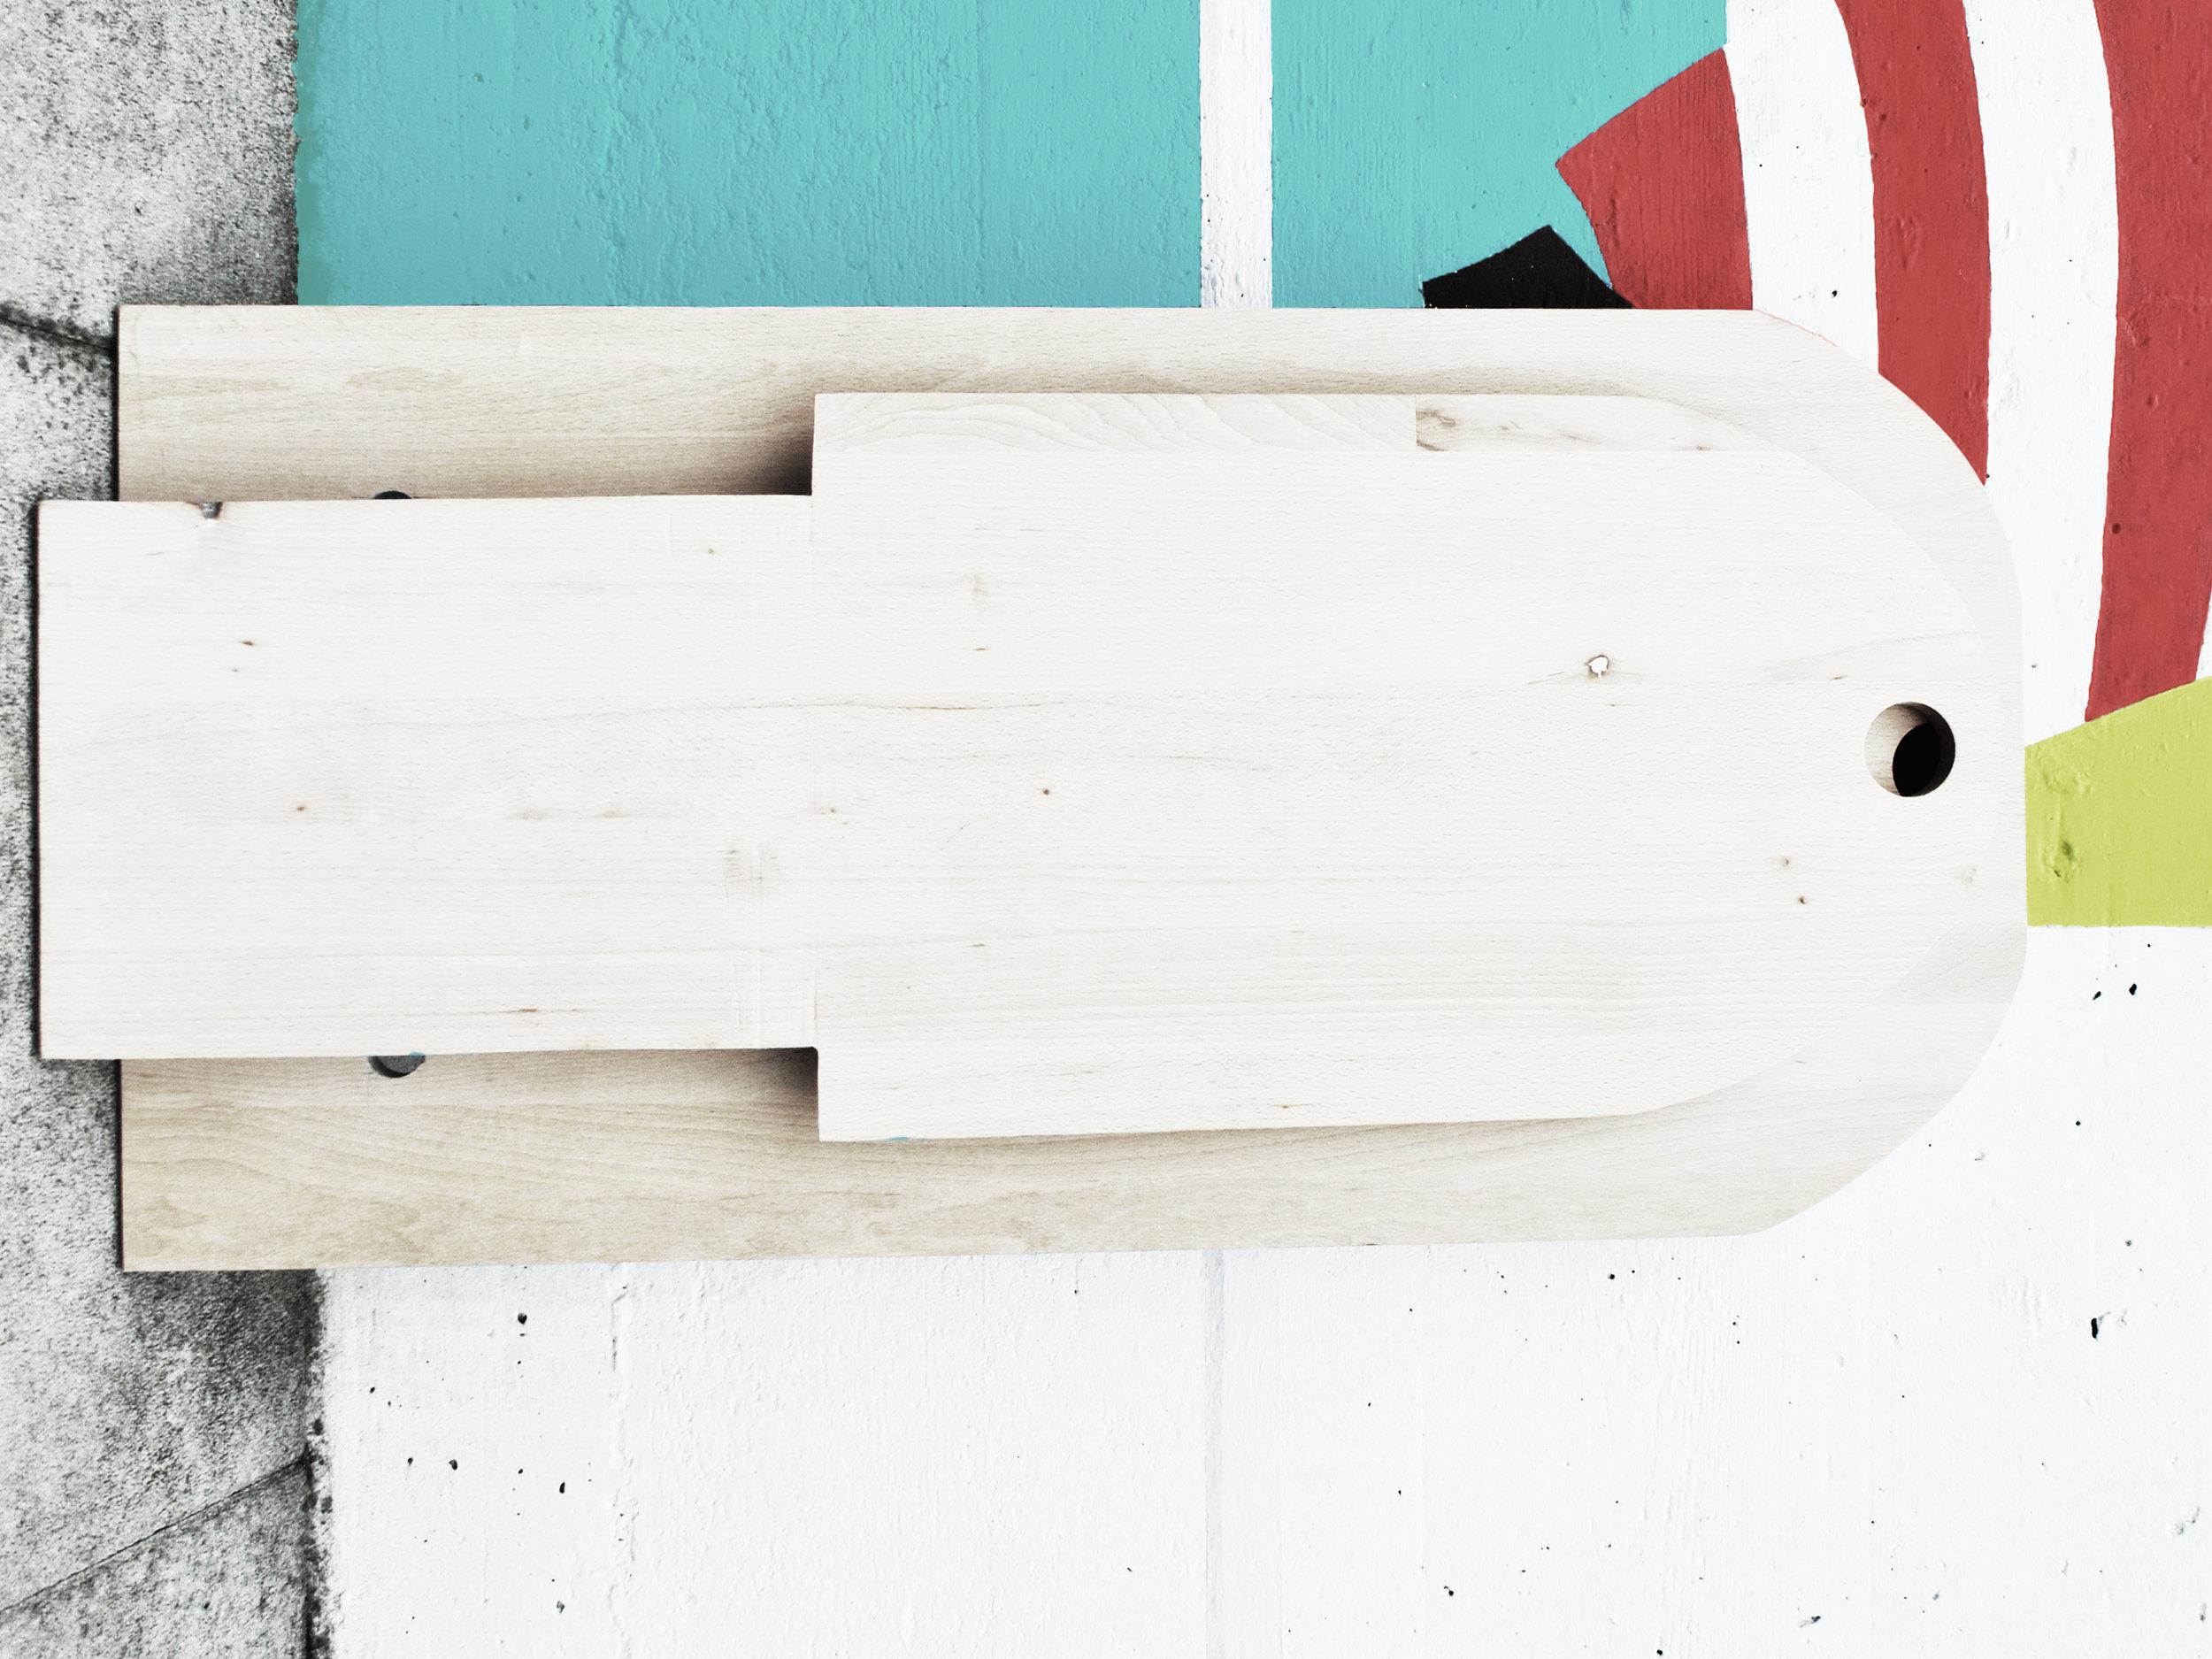 vp-surfbrett-7.jpg